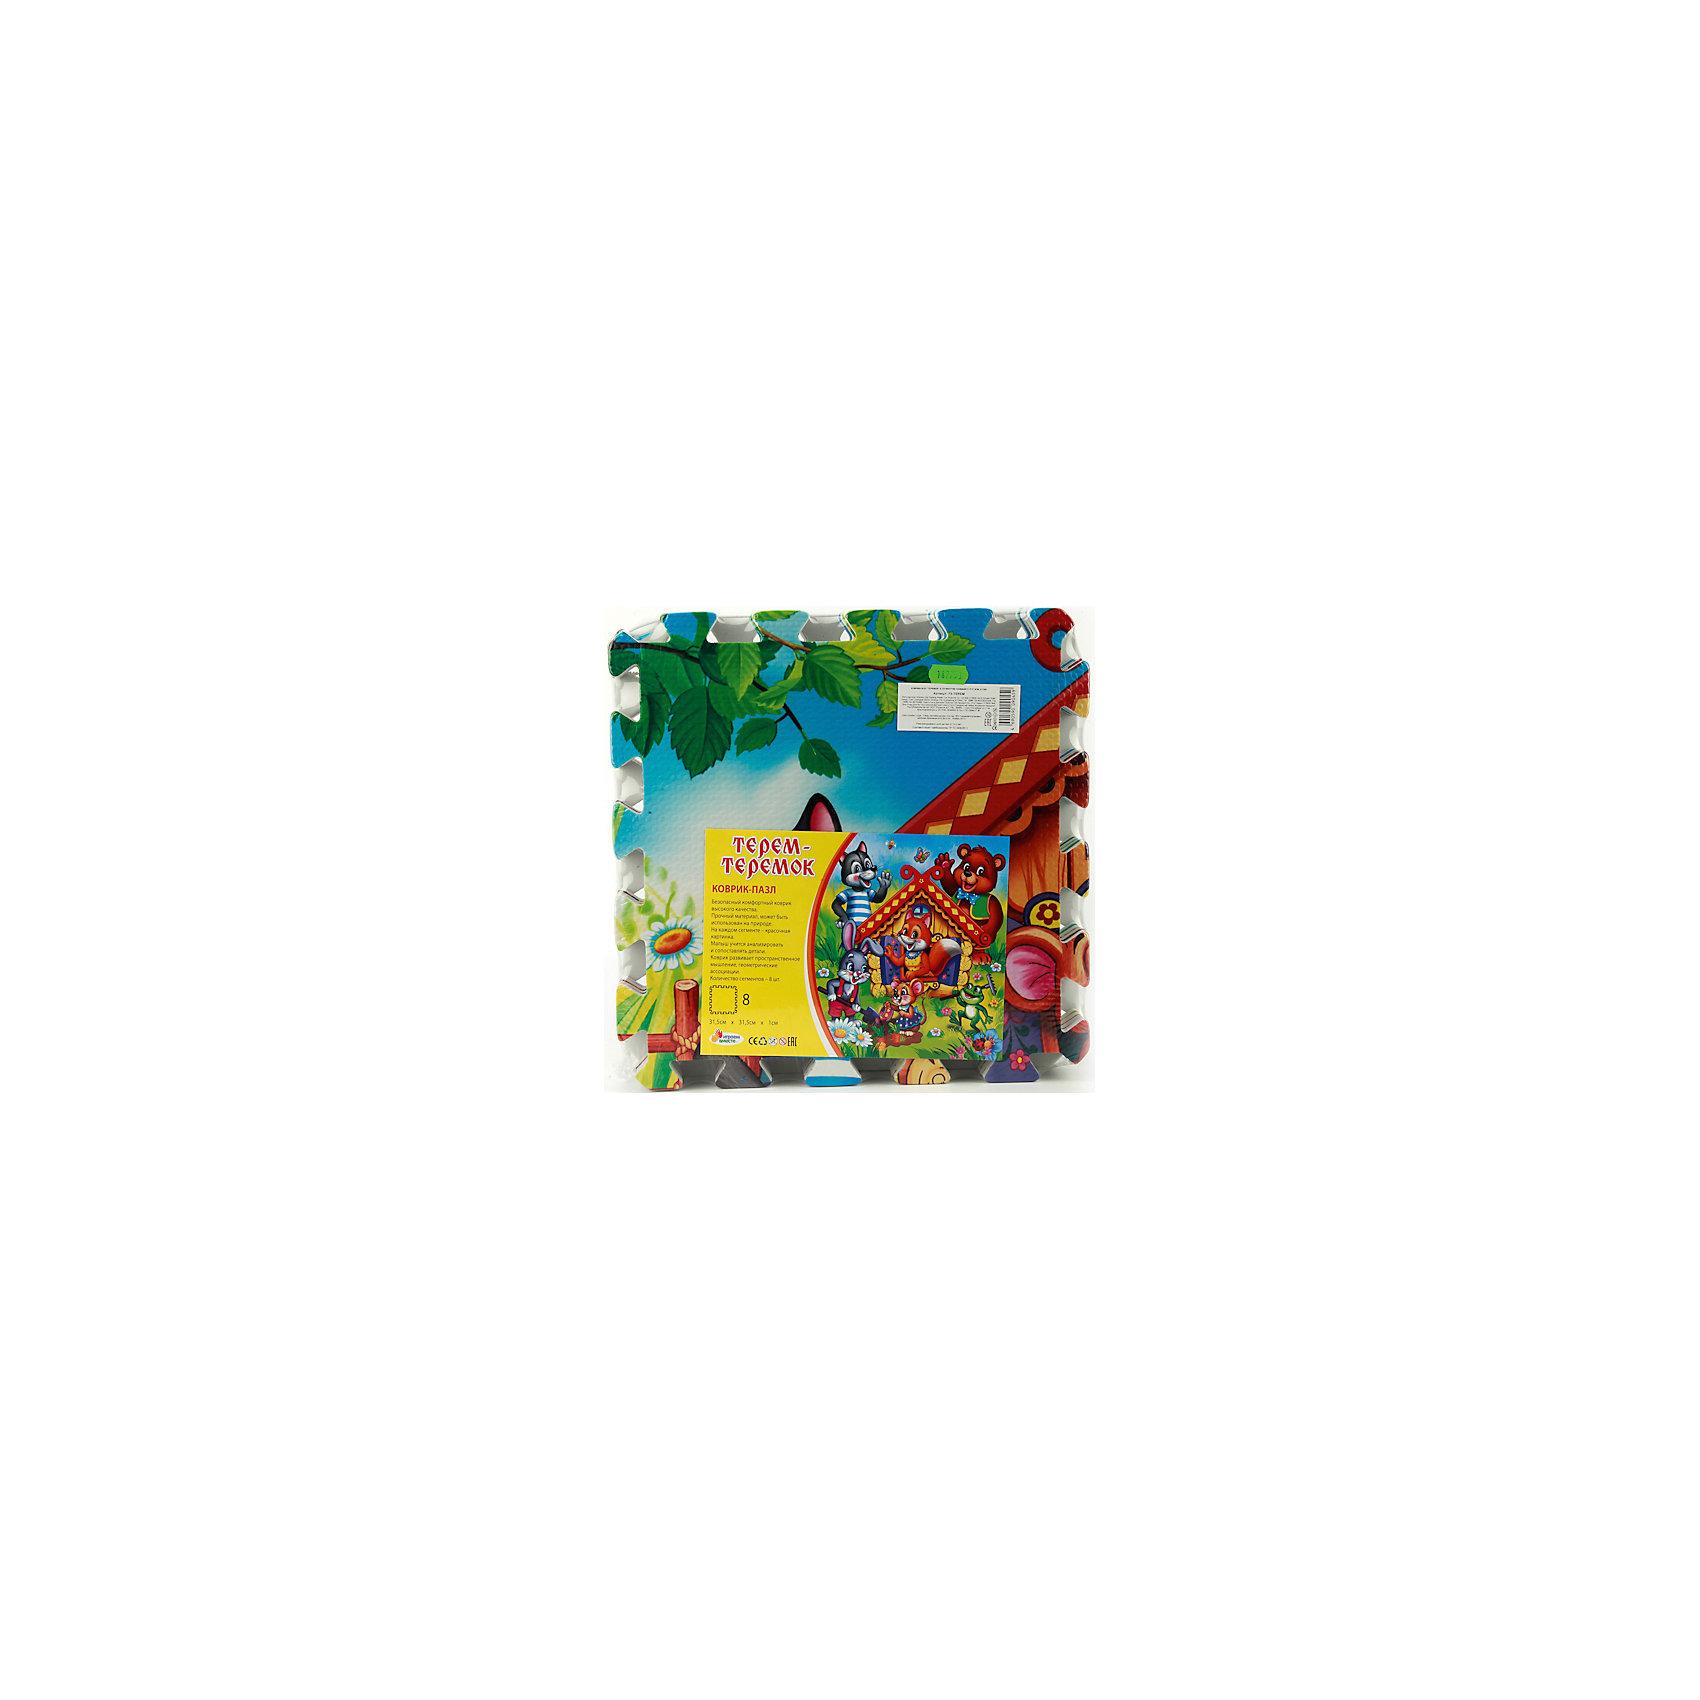 Коврик-пазл Теремок, 8 сегментов, каждый 31.5*31.5см, Играем вместеРазвивающие коврики<br><br><br>Ширина мм: 80<br>Глубина мм: 320<br>Высота мм: 320<br>Вес г: 580<br>Возраст от месяцев: 36<br>Возраст до месяцев: 60<br>Пол: Унисекс<br>Возраст: Детский<br>SKU: 4950492